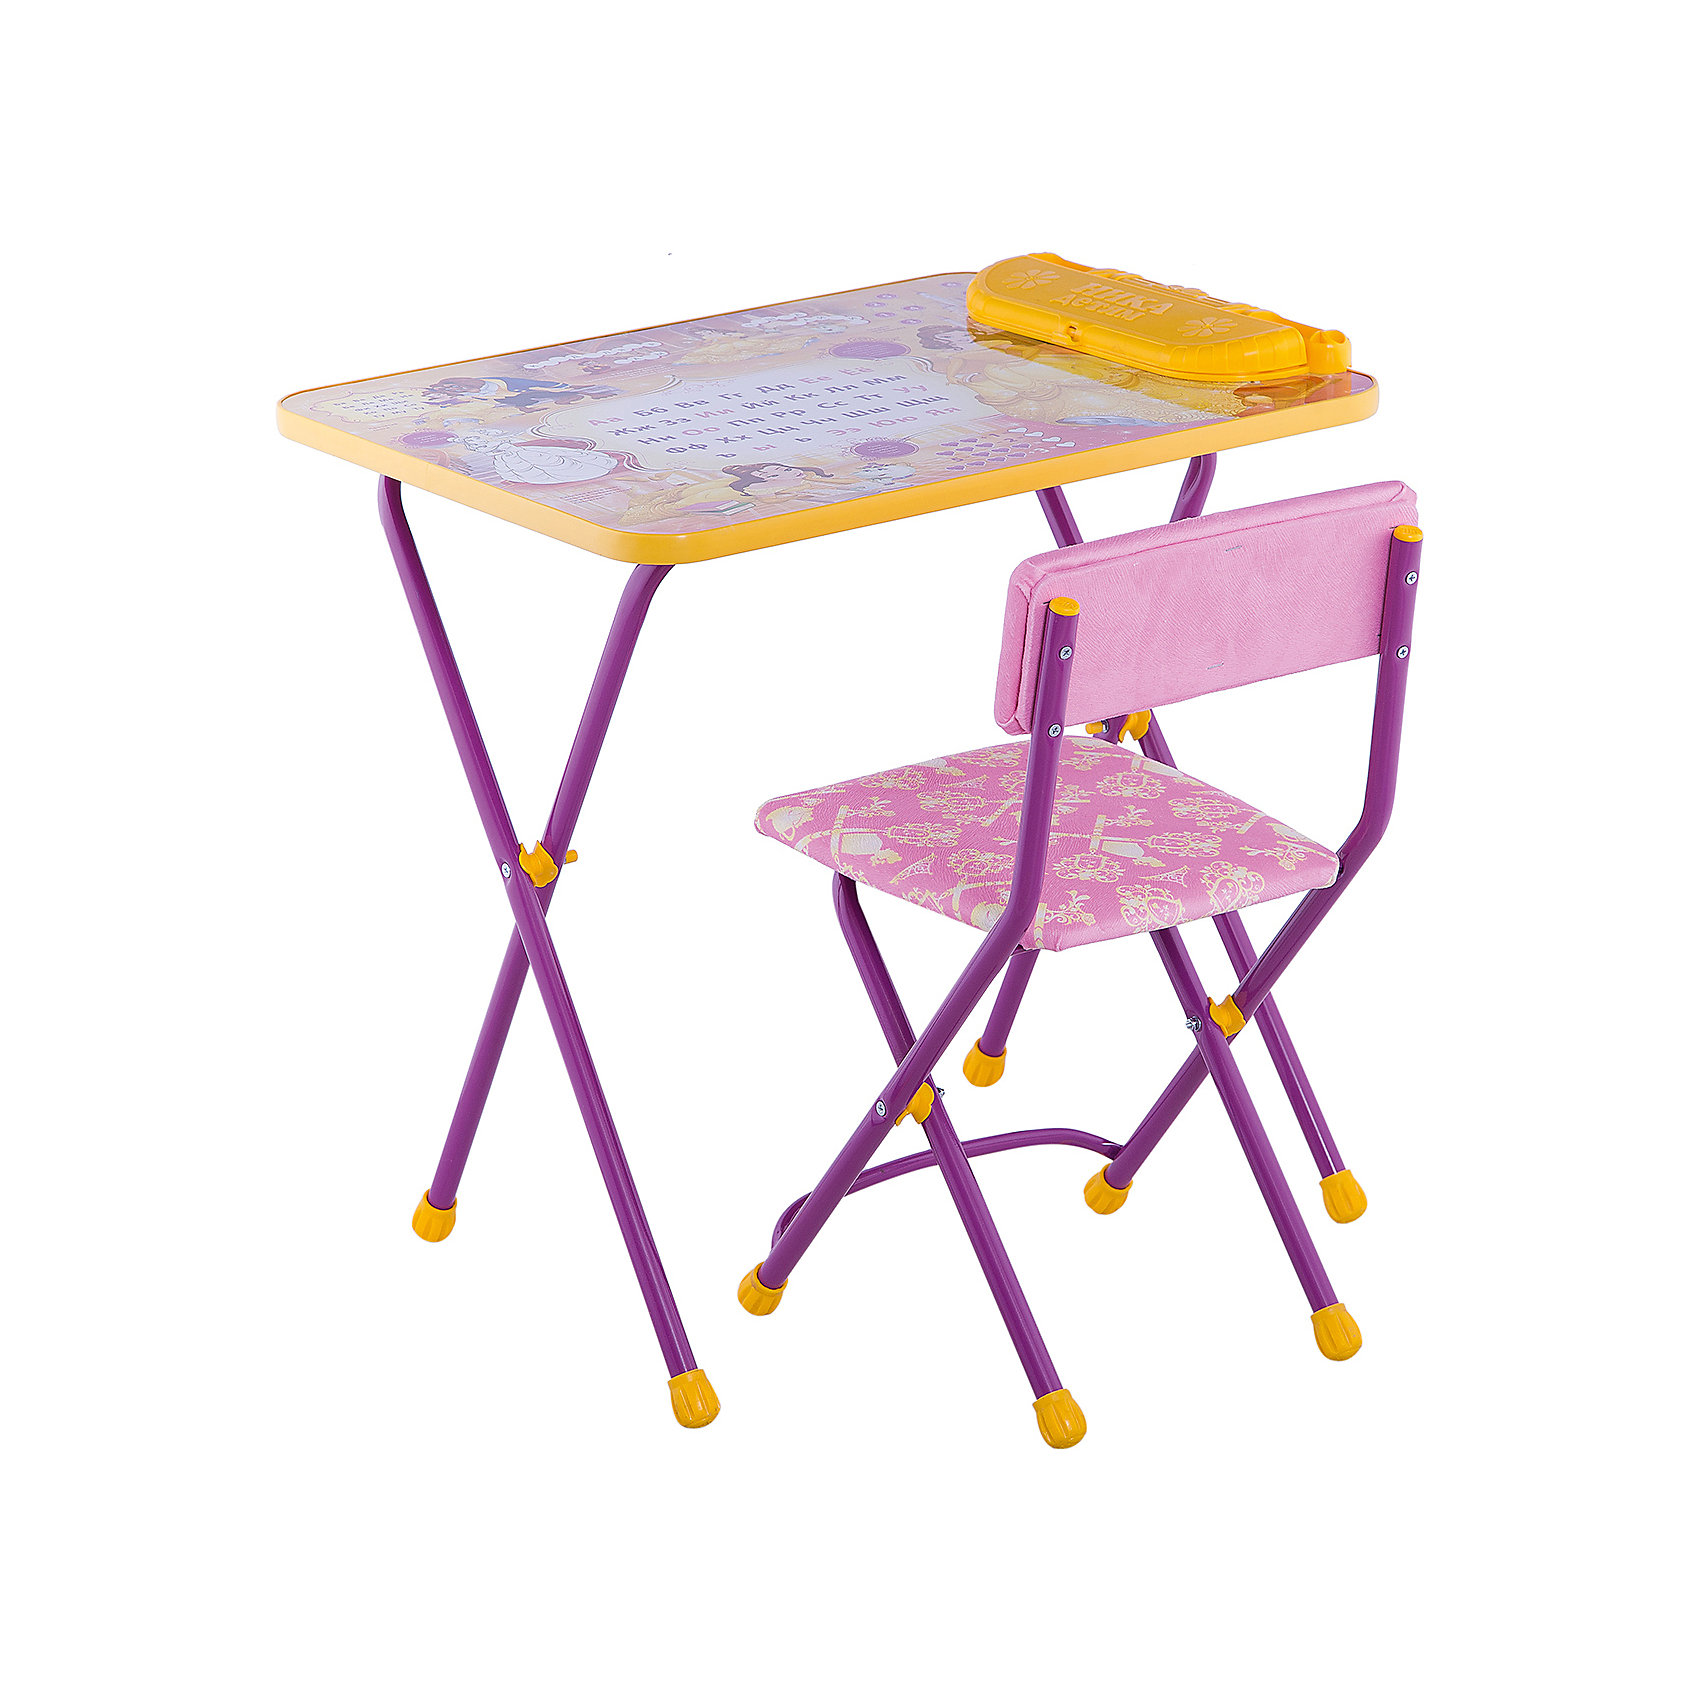 Набор мебели Никки КУ2/10 Познаю мир, НикаМебель<br>Характеристики товара:<br><br>• материал: металл, пластик, текстиль<br>• размер столешницы: 60х45 см<br>• высота стола: 58 см<br>• сиденье: 31х27 см<br>• высота до сиденья: 35 см<br>• высота со спинкой 61 см<br>• подставка для ног<br>• стул с мягким сиденьем (флок)<br>• пенал<br>• складной<br>• на столешнице - полезные рисунки<br>• на ламинированной поверхности стола можно рисовать маркером на водной основе<br>• на ножках пластмассовые наконечники<br>• складной<br>• возраст: от 3 до 7 лет<br>• страна бренда: Российская Федерация<br>• страна производства: Российская Федерация<br><br>Детская мебель может быть удобной и эргономичной! Этот комплект разработан специально для детей от трех до семи лет. Он легко складывается и раскладывается, занимает немного места, легко моется. Каркас сделан из прочного, но легкого металла, а на ножках установлены пластмассовые наконечники для защиты напольного покрытия. Столешница украшена полезными познавательными рисунками. Отличное решение как для кормления малыша, так и для игр, творчества и обучения!<br>Правильно подобранная мебель помогает ребенку расти здоровым, формироваться правильной осанке. Изделие производится из качественных сертифицированных материалов, безопасных даже для самых маленьких.<br><br>Набор мебели Никки КУ2/10 Познаю мир от бренда Ника можно купить в нашем интернет-магазине.<br><br>Ширина мм: 750<br>Глубина мм: 155<br>Высота мм: 610<br>Вес г: 8080<br>Возраст от месяцев: 36<br>Возраст до месяцев: 84<br>Пол: Унисекс<br>Возраст: Детский<br>SKU: 5223623